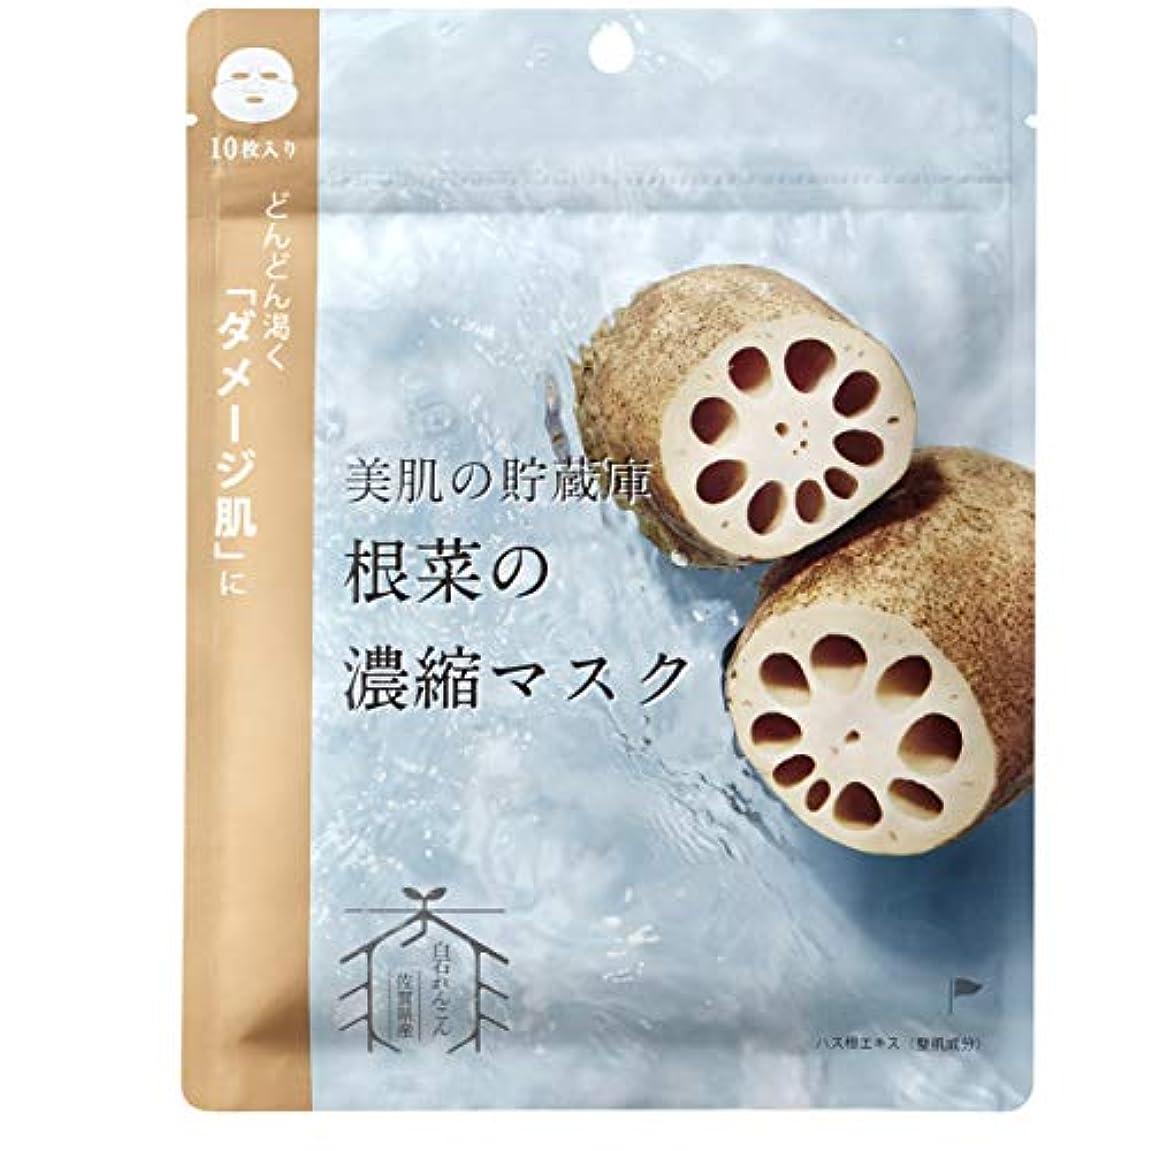 失望させる貞家@cosme nippon 美肌の貯蔵庫 根菜の濃縮マスク 白石れんこん 10枚入 160ml